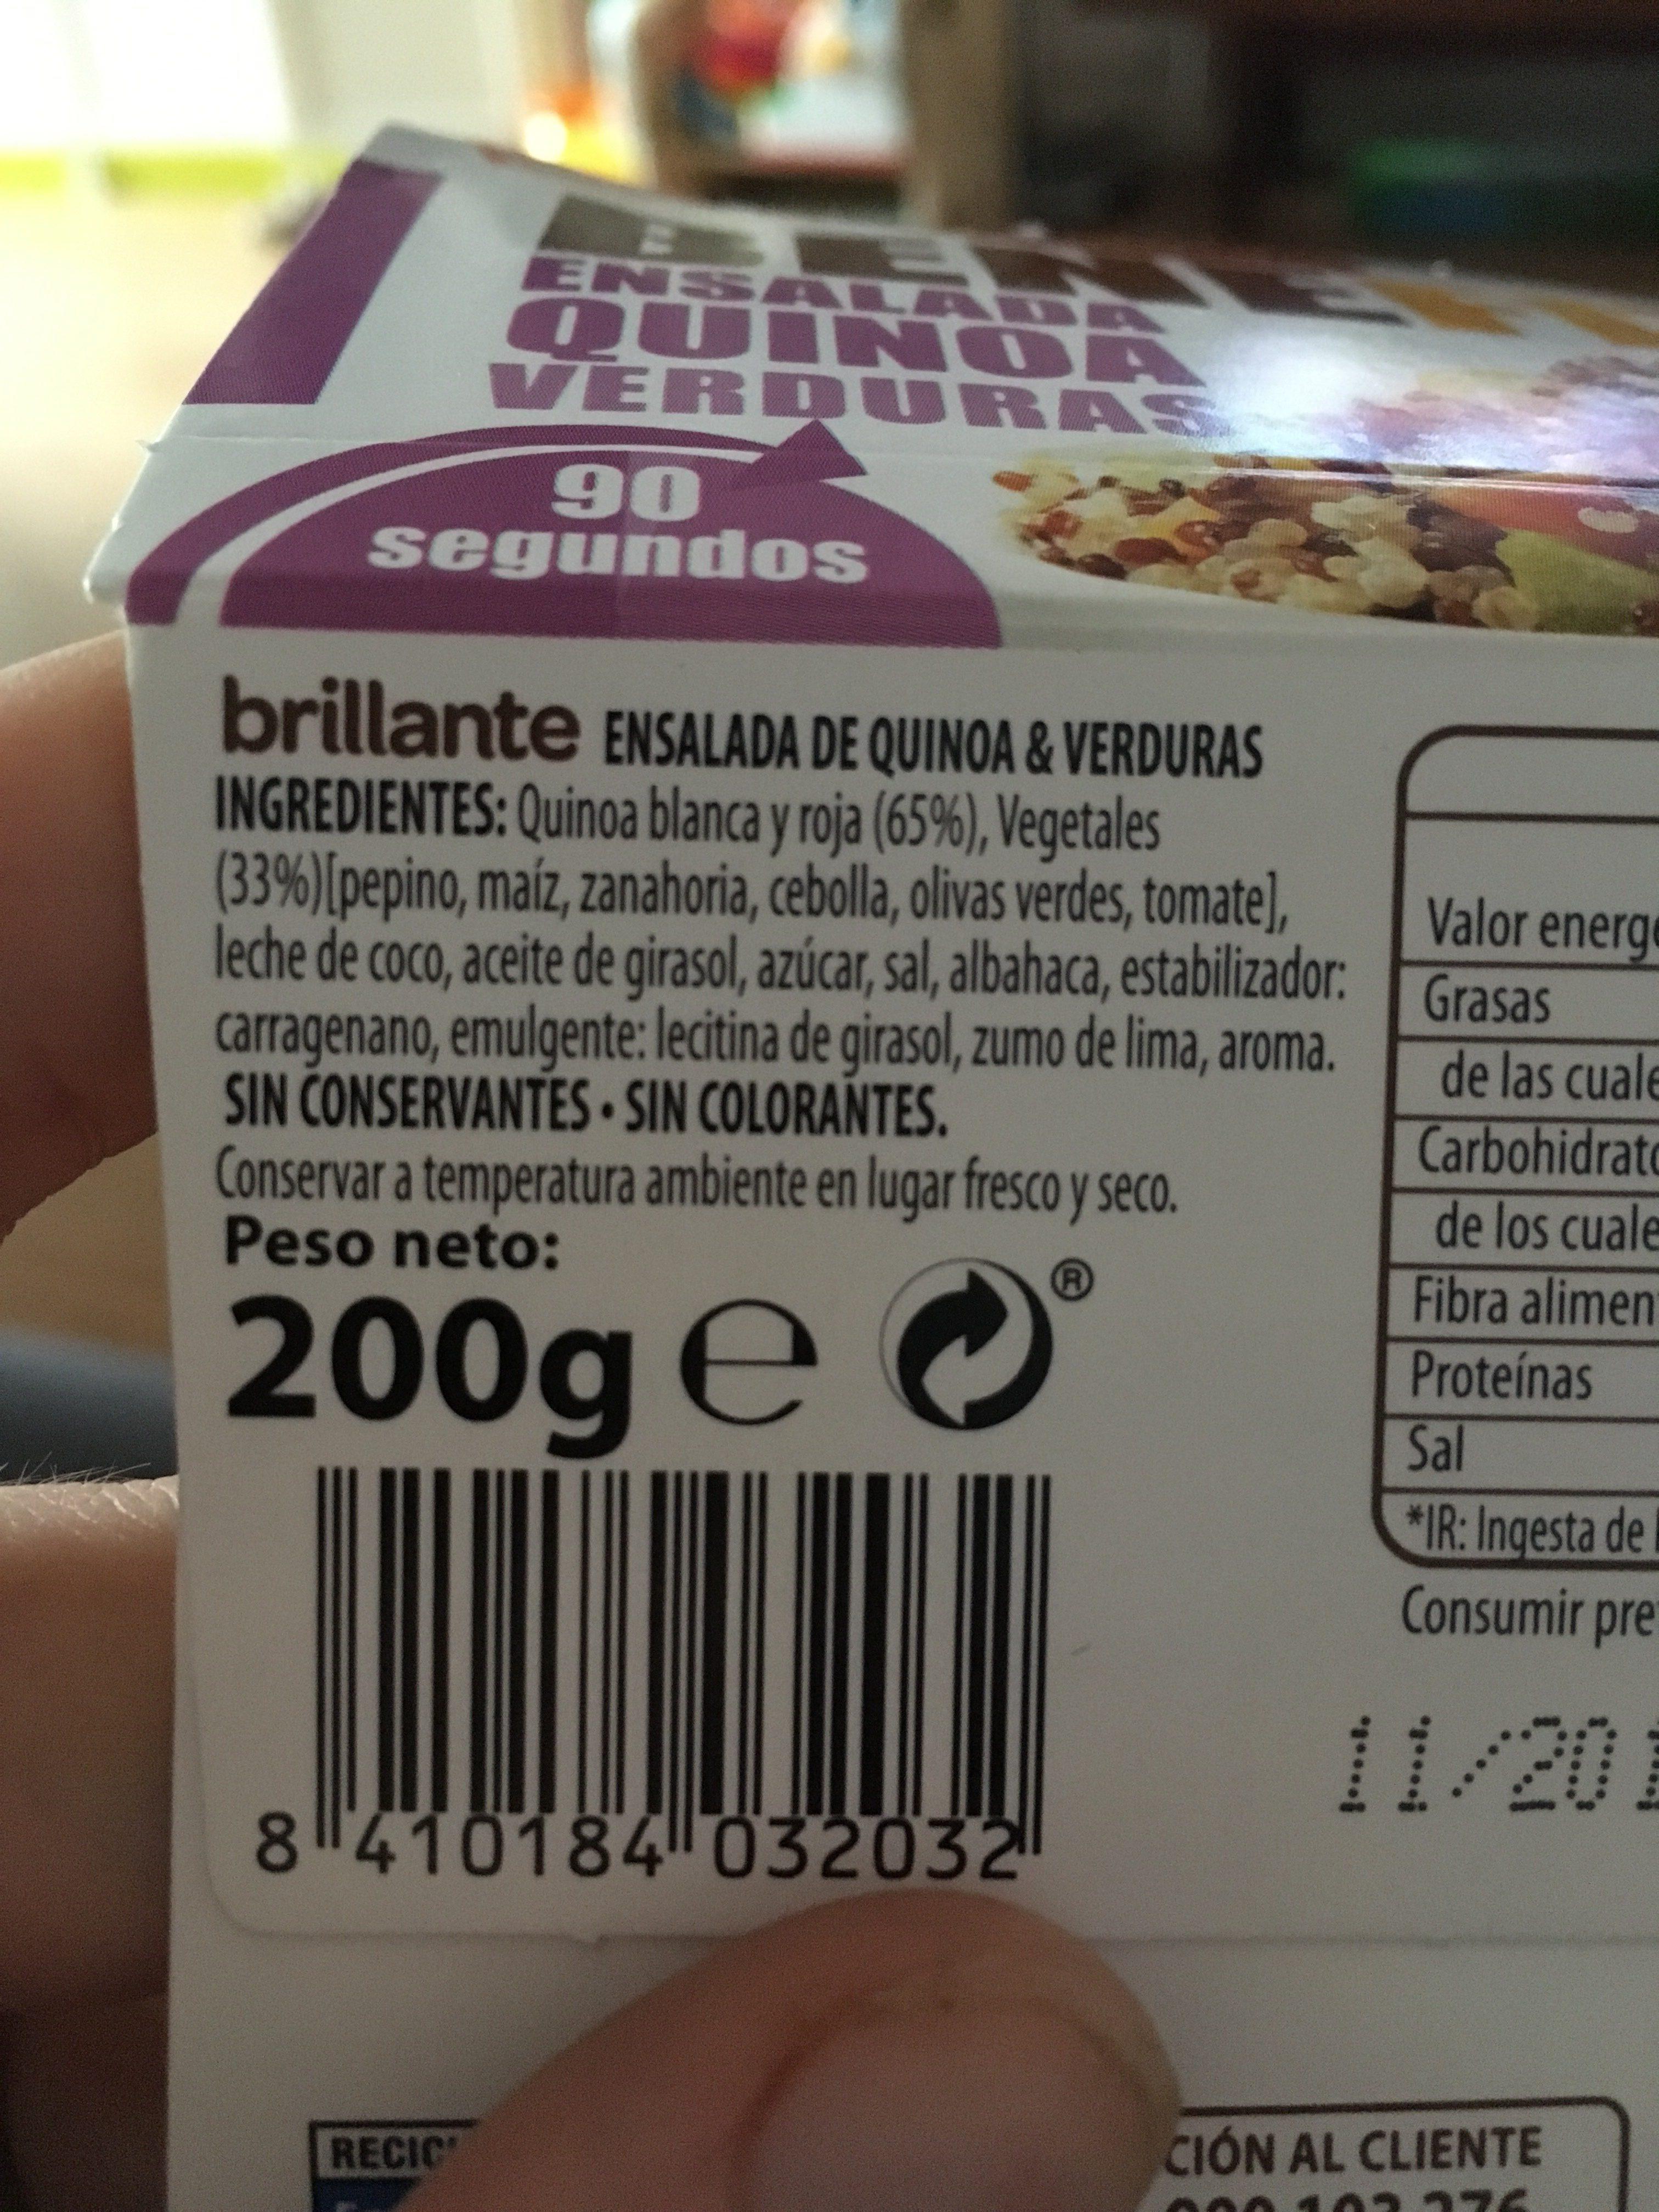 Benefit ensalada quinoa y verduras - Ingrédients